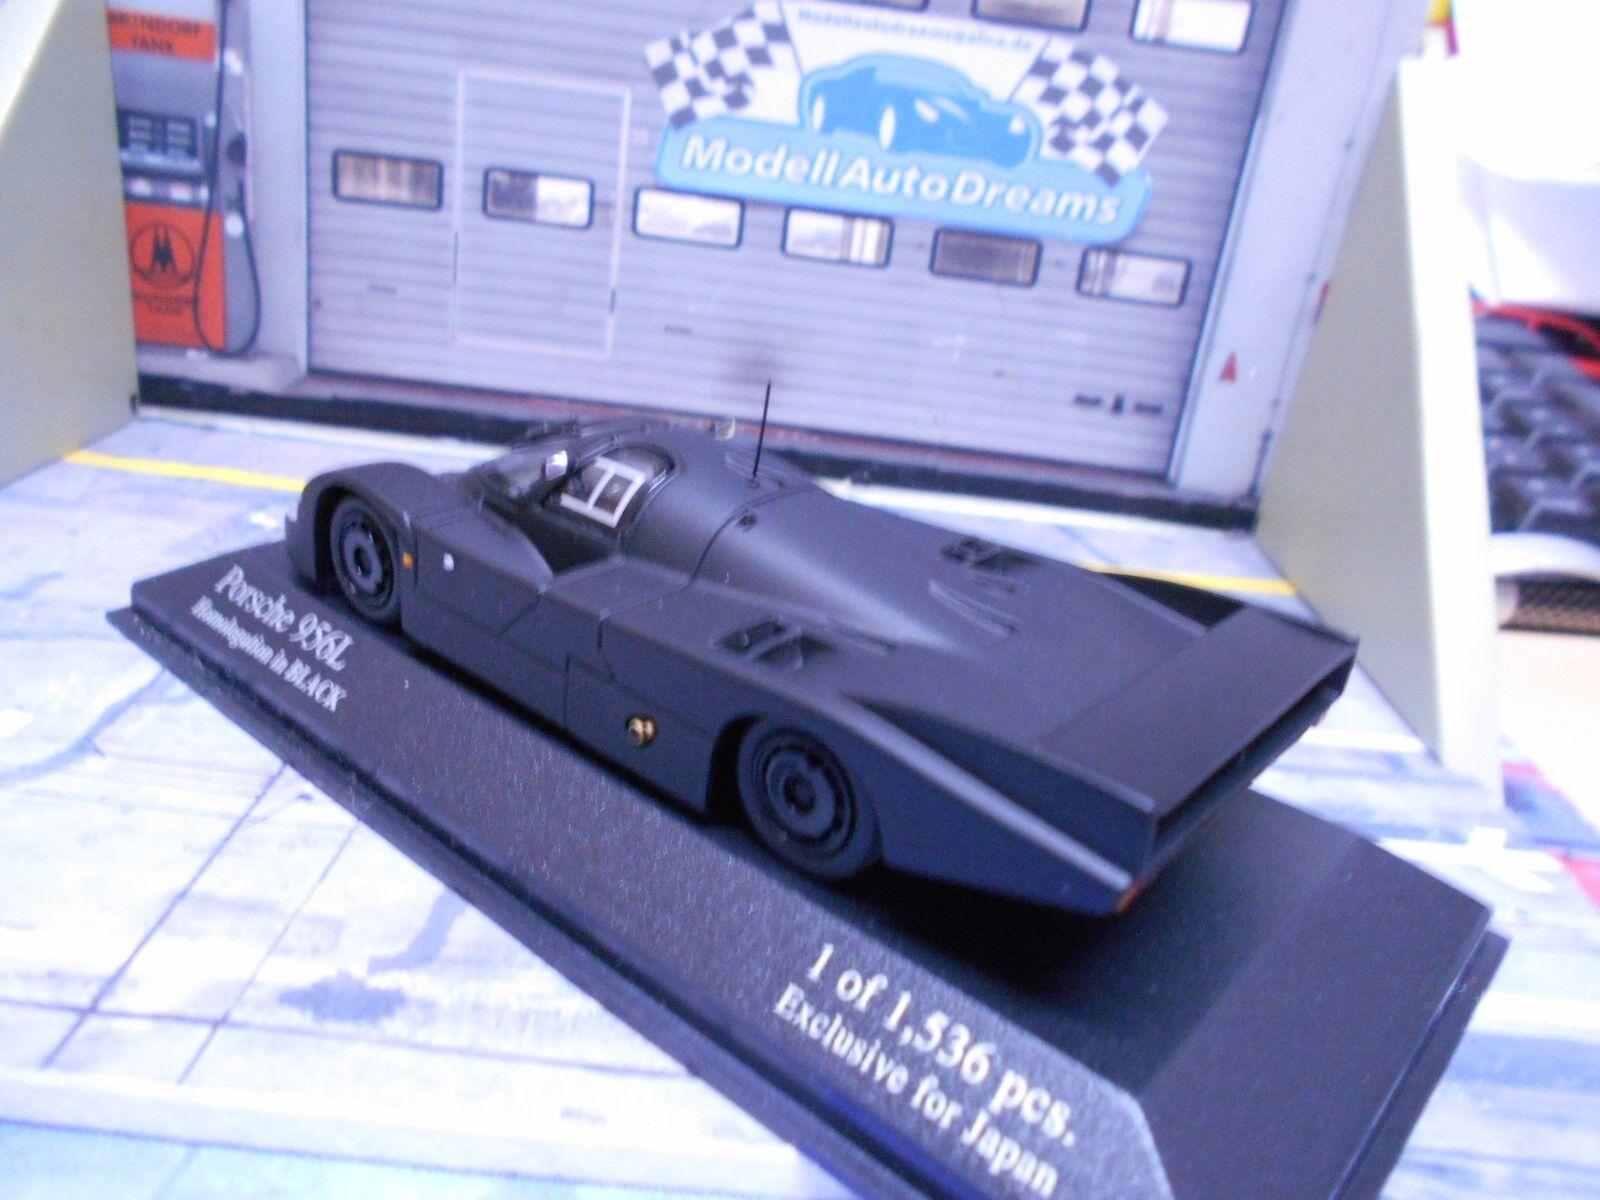 Porsche 956 L langheck homologation homologation homologation dans Black Matt Noir KYOSHO Minichamps 1:43 | Pour Gagner L'éloge Chaleureux Auprès De Ses Clients  ad2543